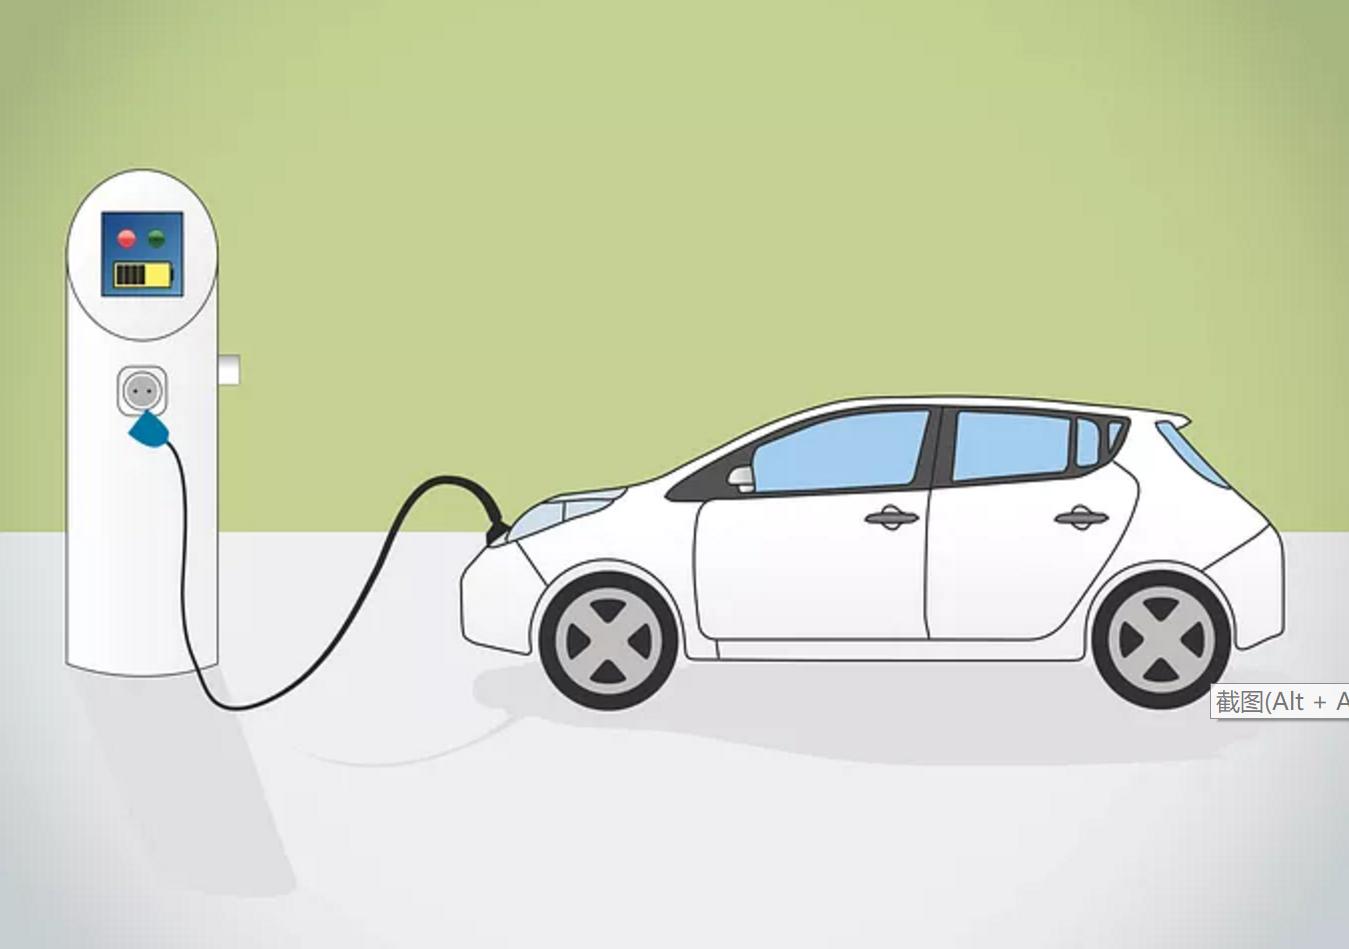 近2000亿美元砸向电动汽车,拜登政府意欲何为